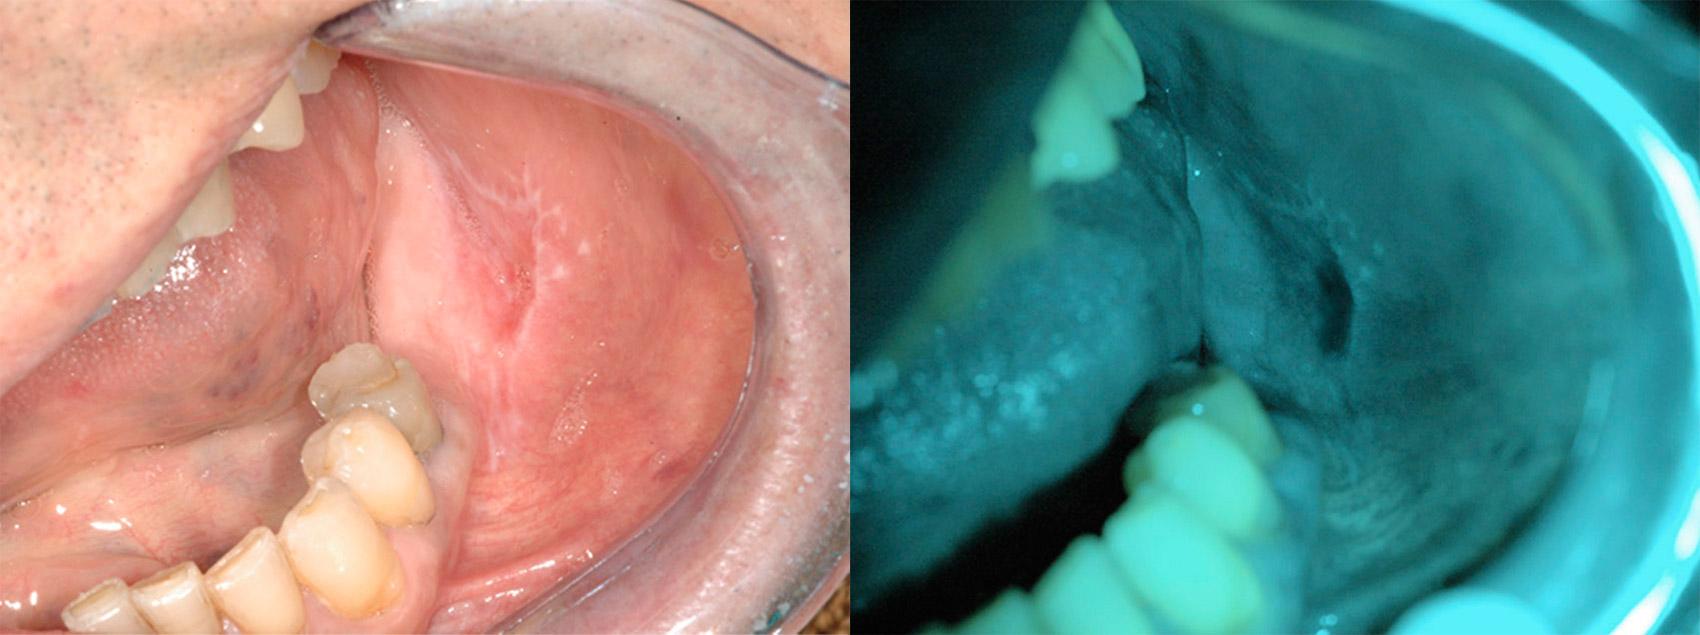 скрининг слизистой полости рта